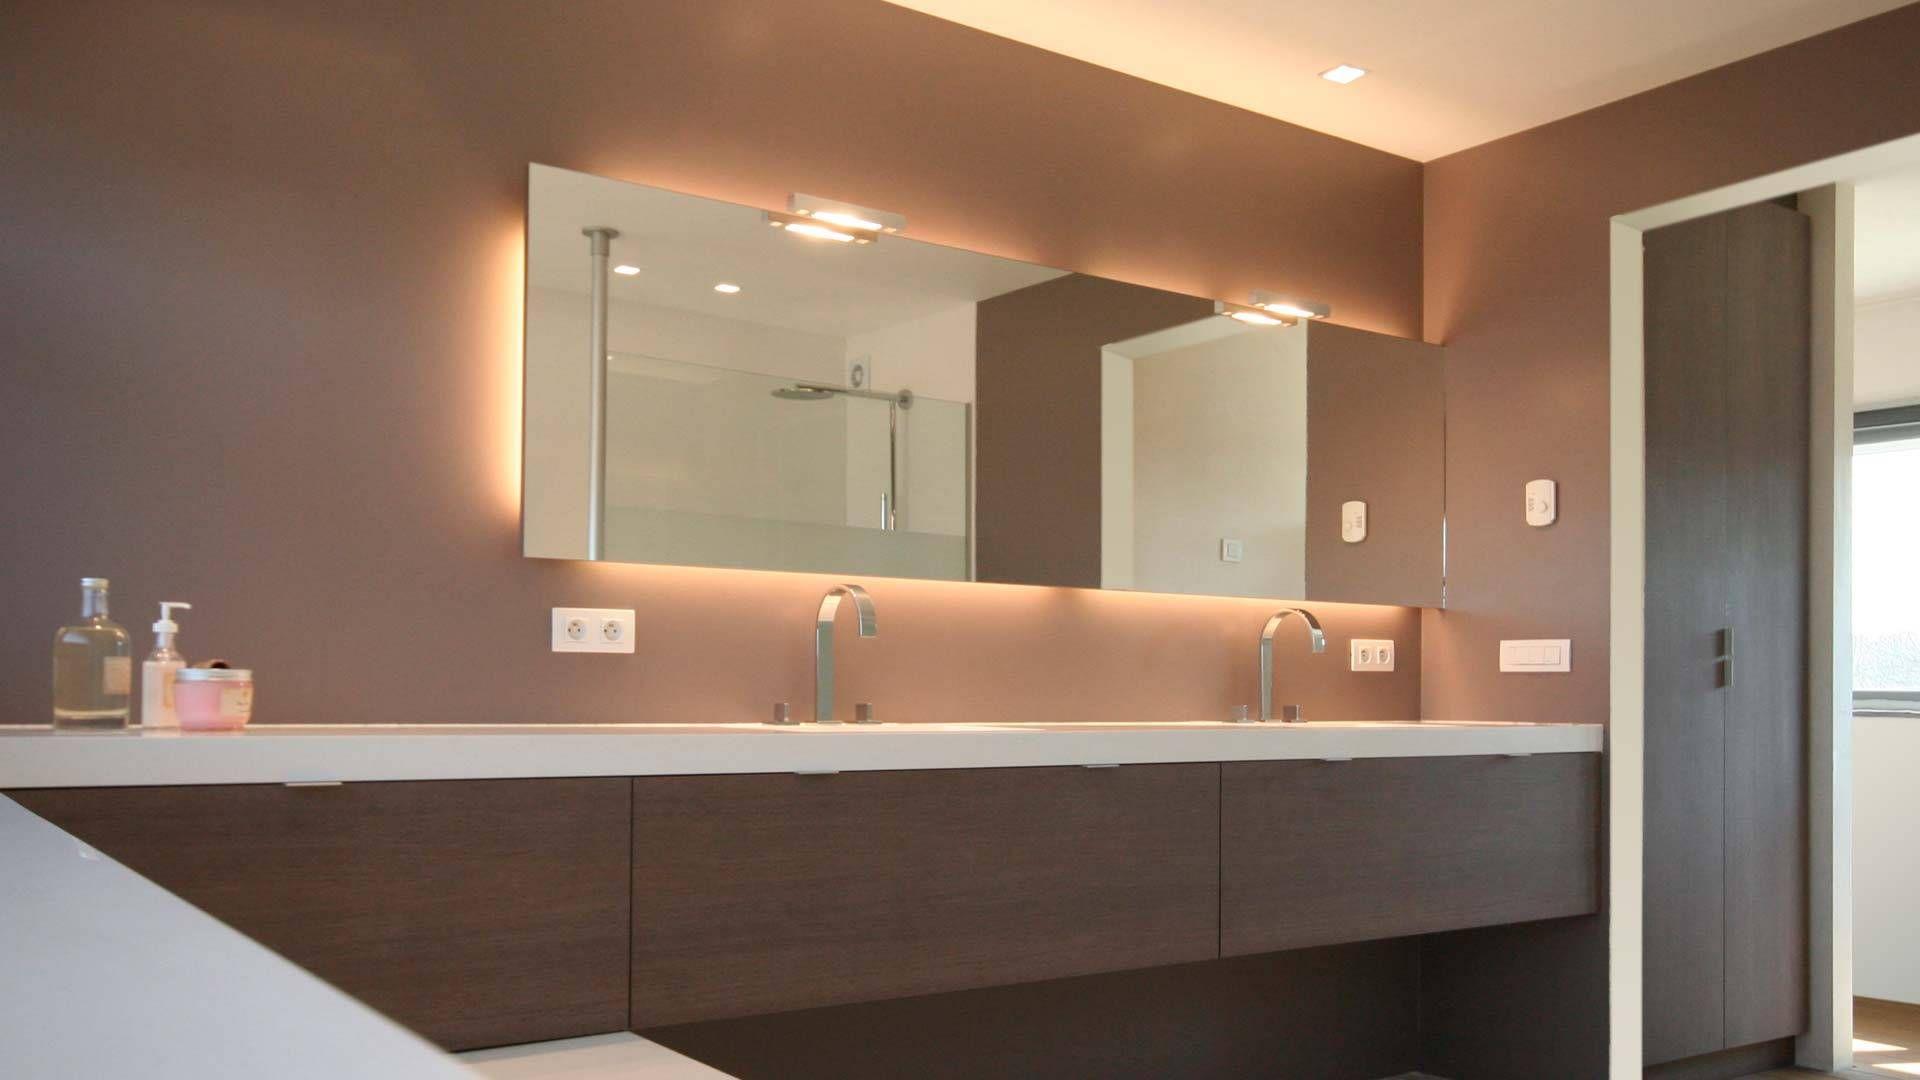 badkamermeubel op maat half zwevend half op het bad rustend